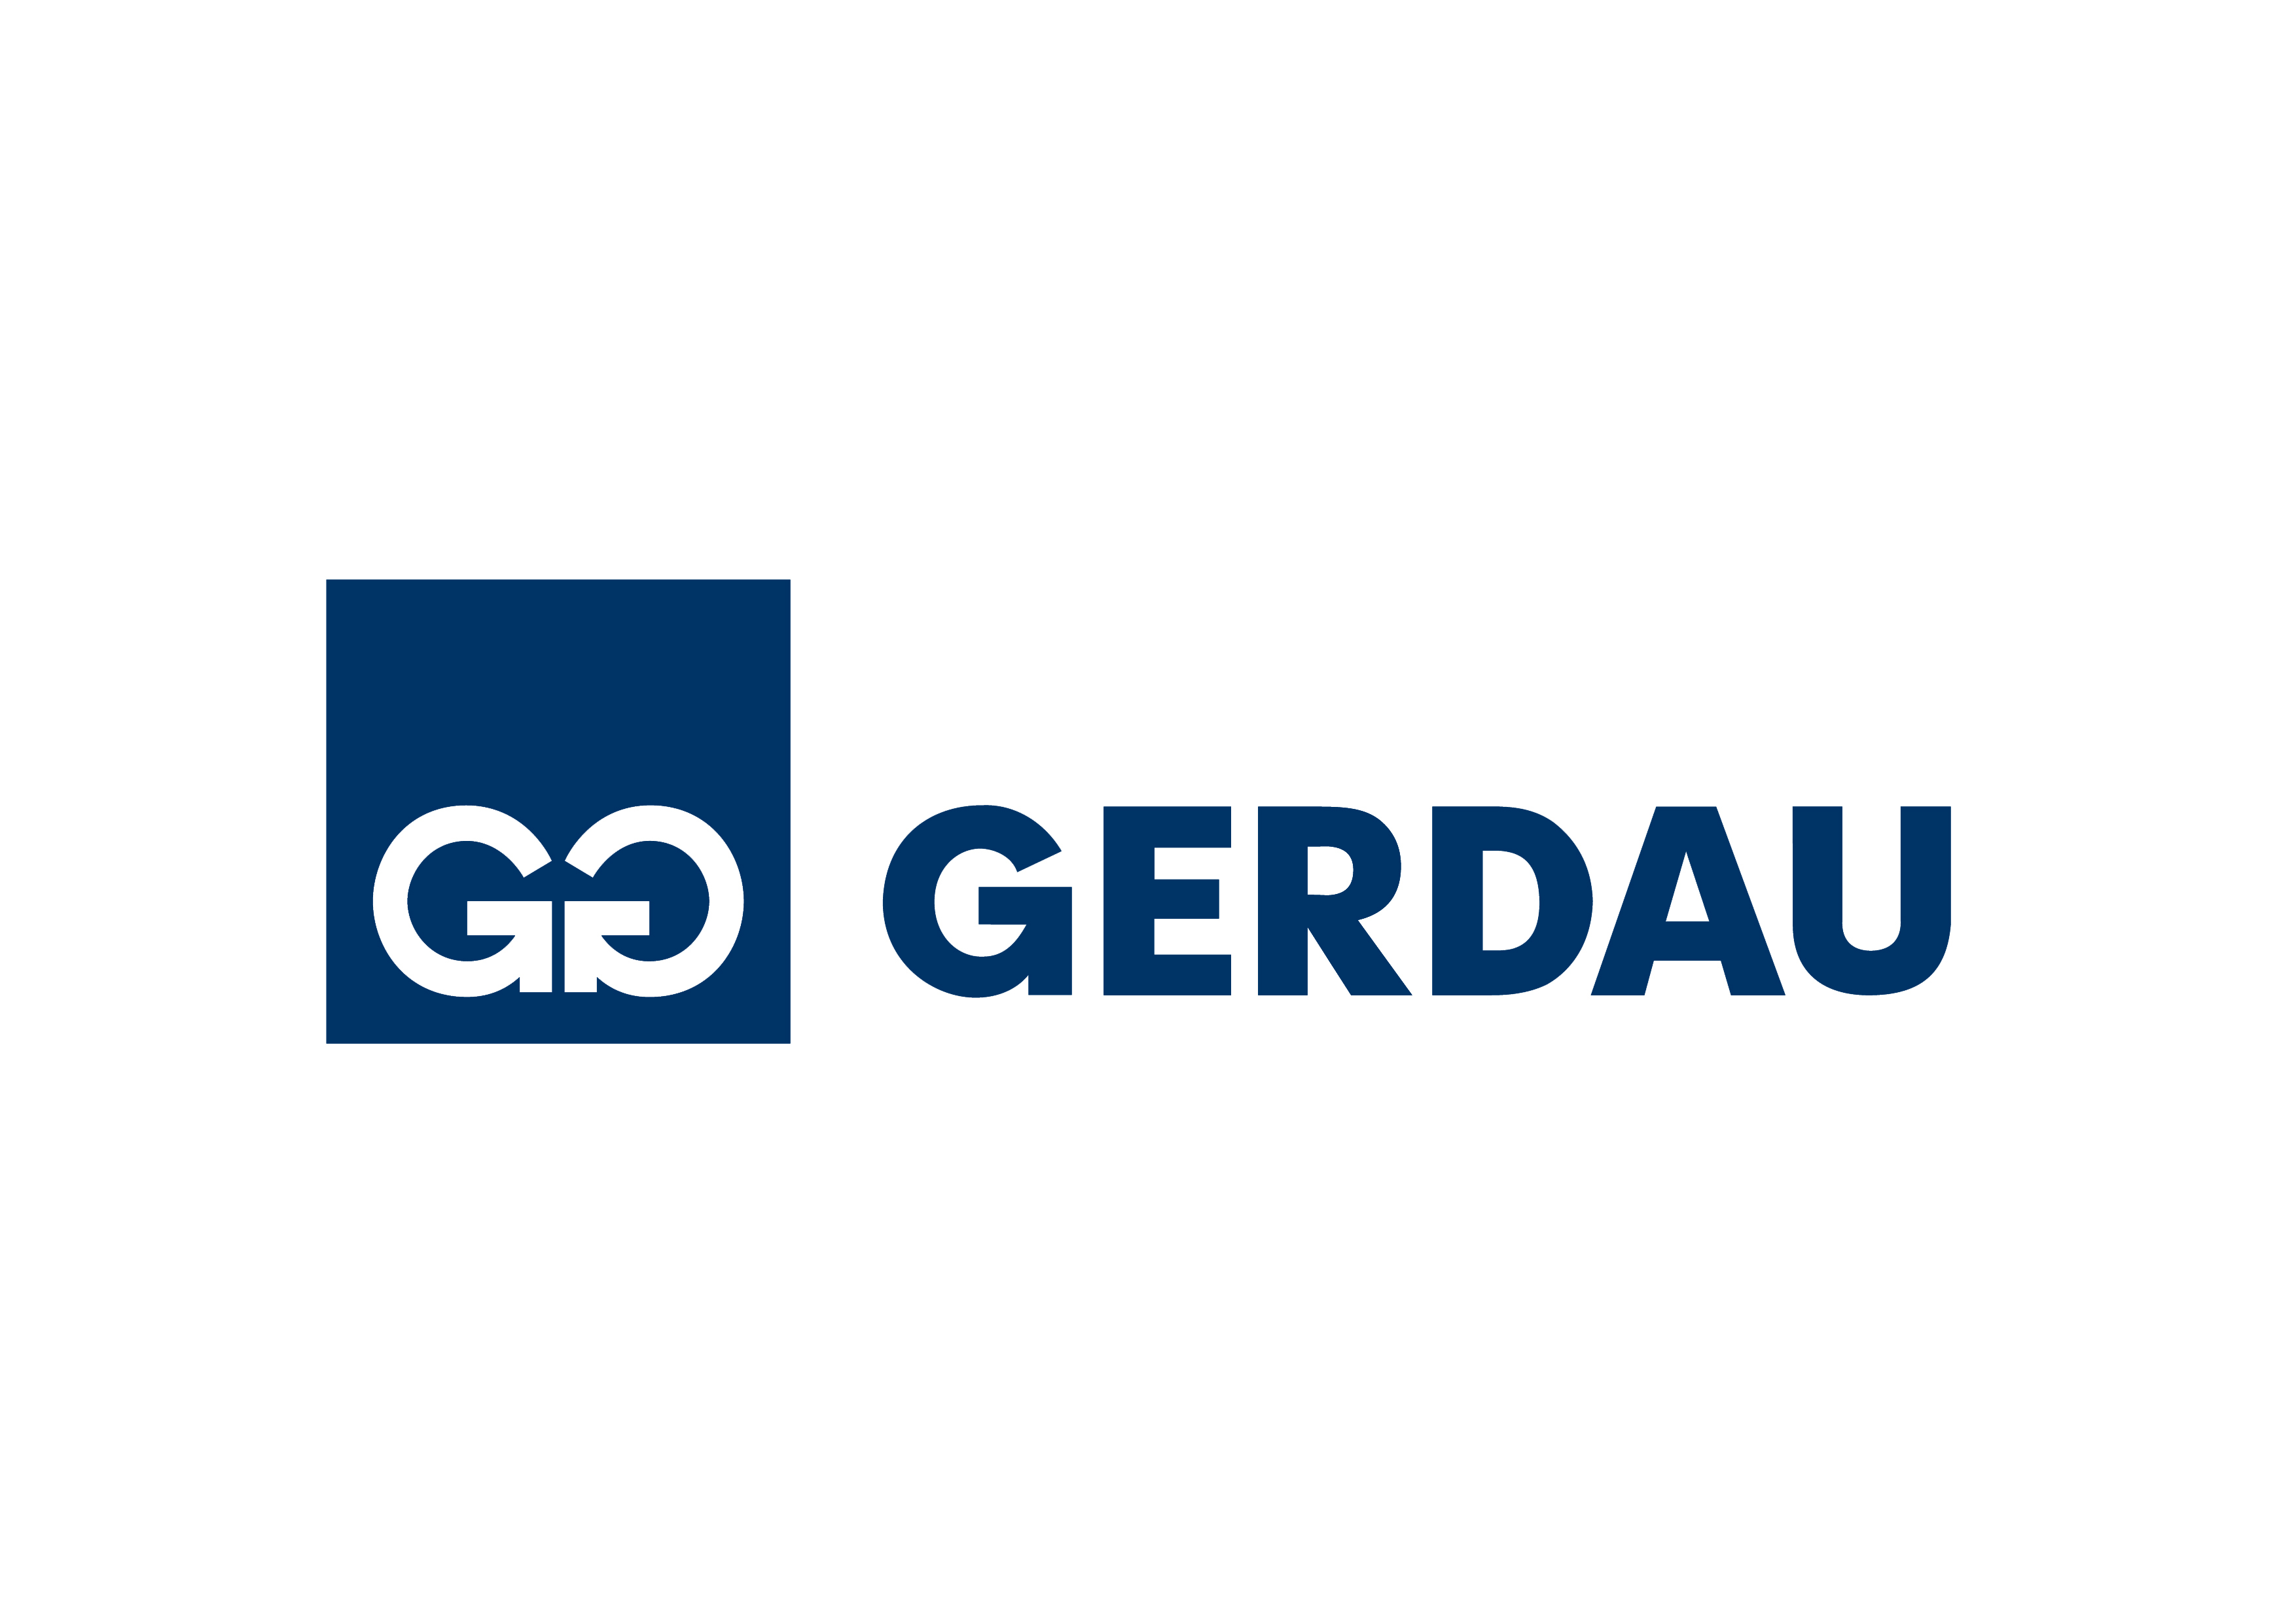 Gerdau-horizontal logo